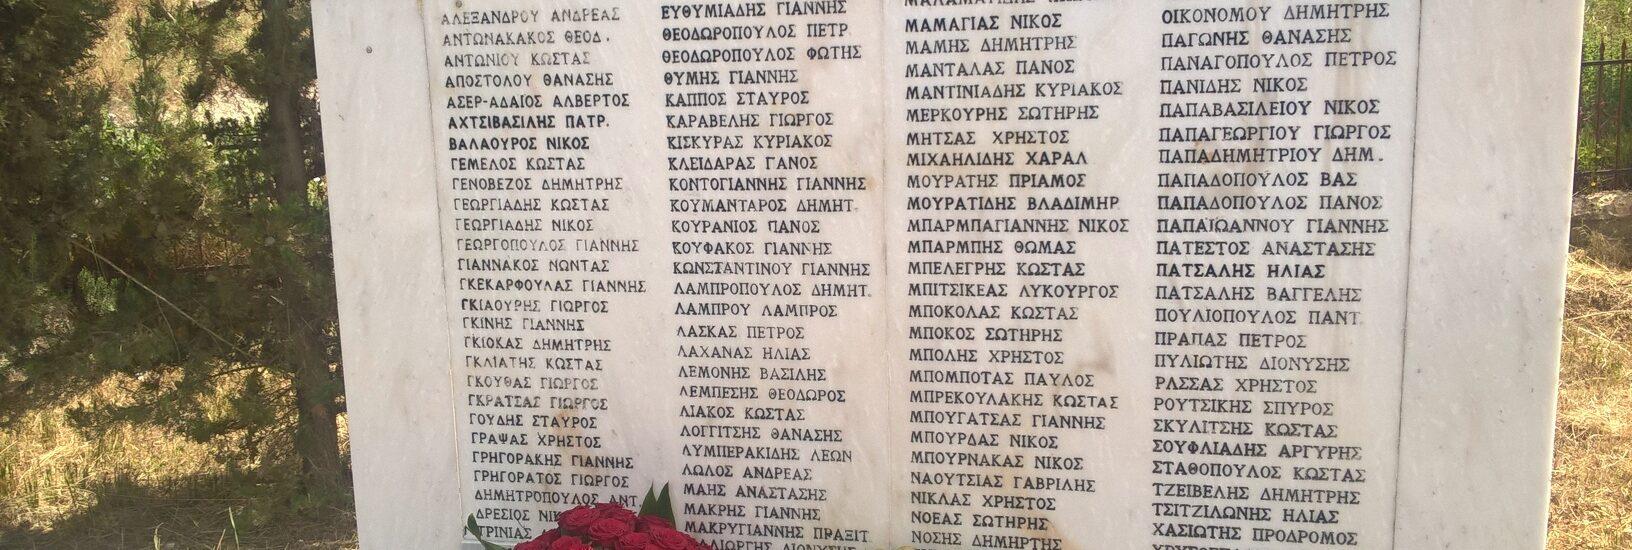 Παντελής Πουλιόπουλος: Εθνικισμός και Αγριανθρωπισμός